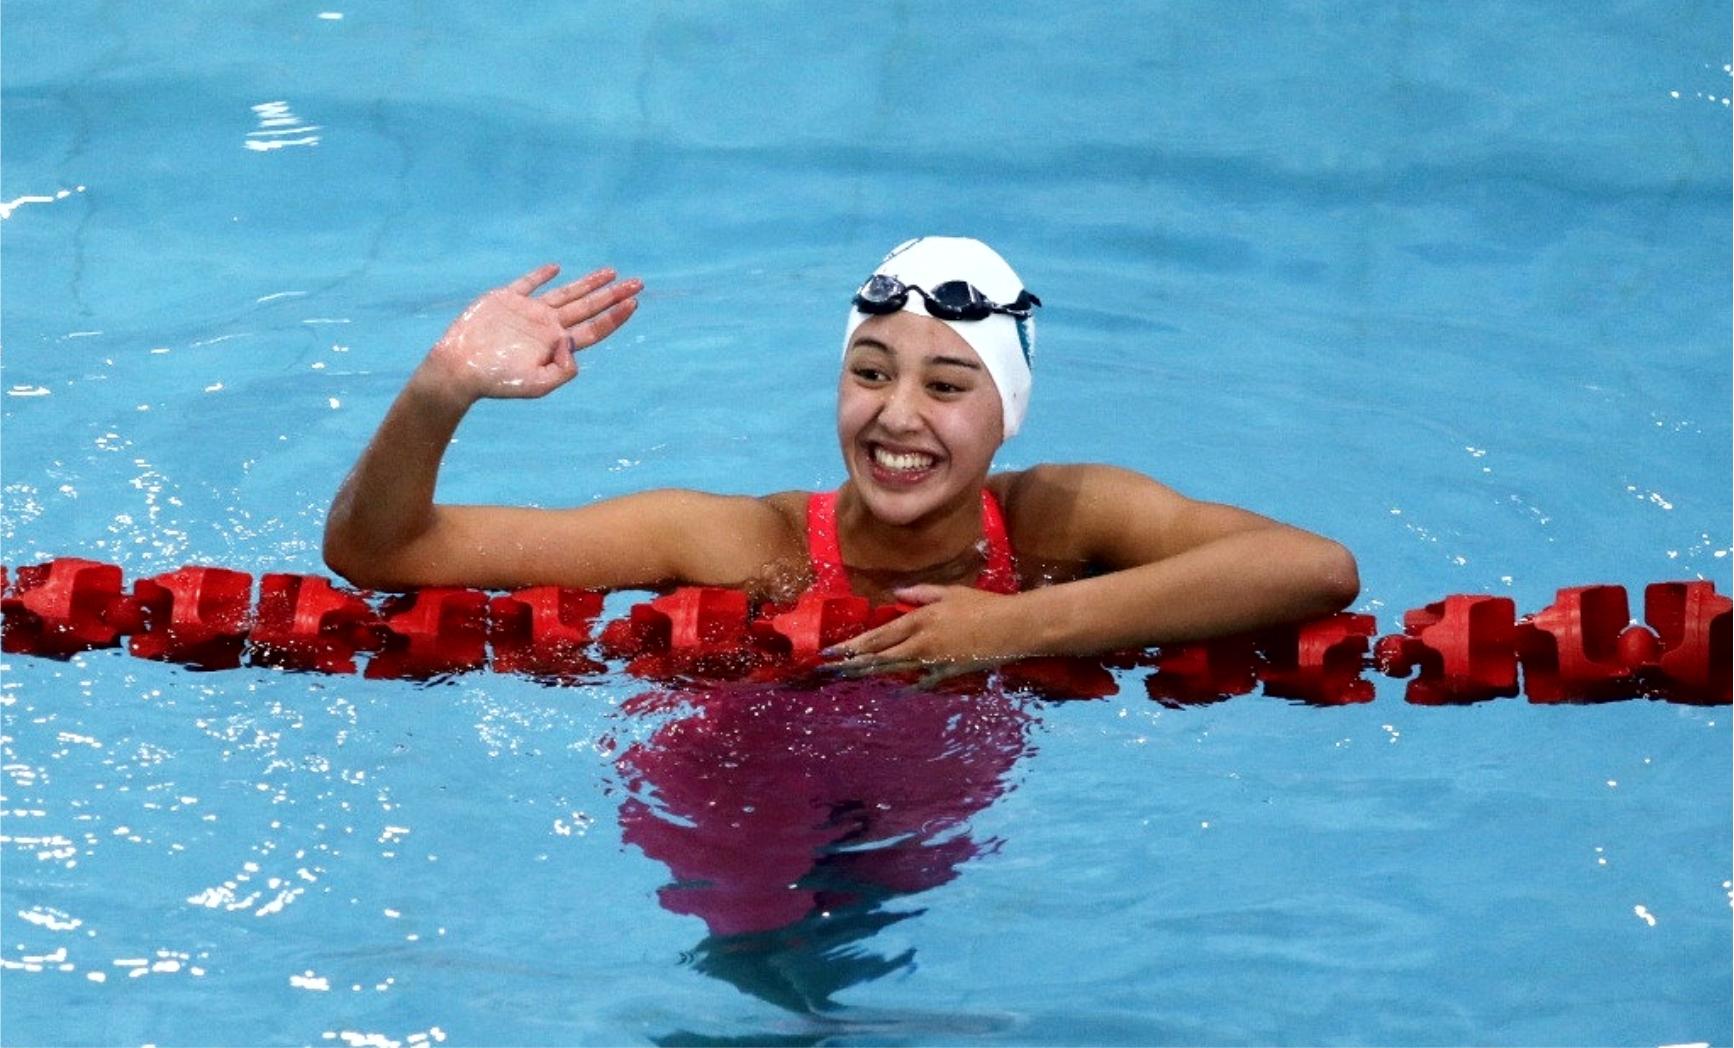 टोकियो ओलम्पिक  : नेपालकी पौडीवाच गौरिकाको राष्ट्रिय कीर्तिमान